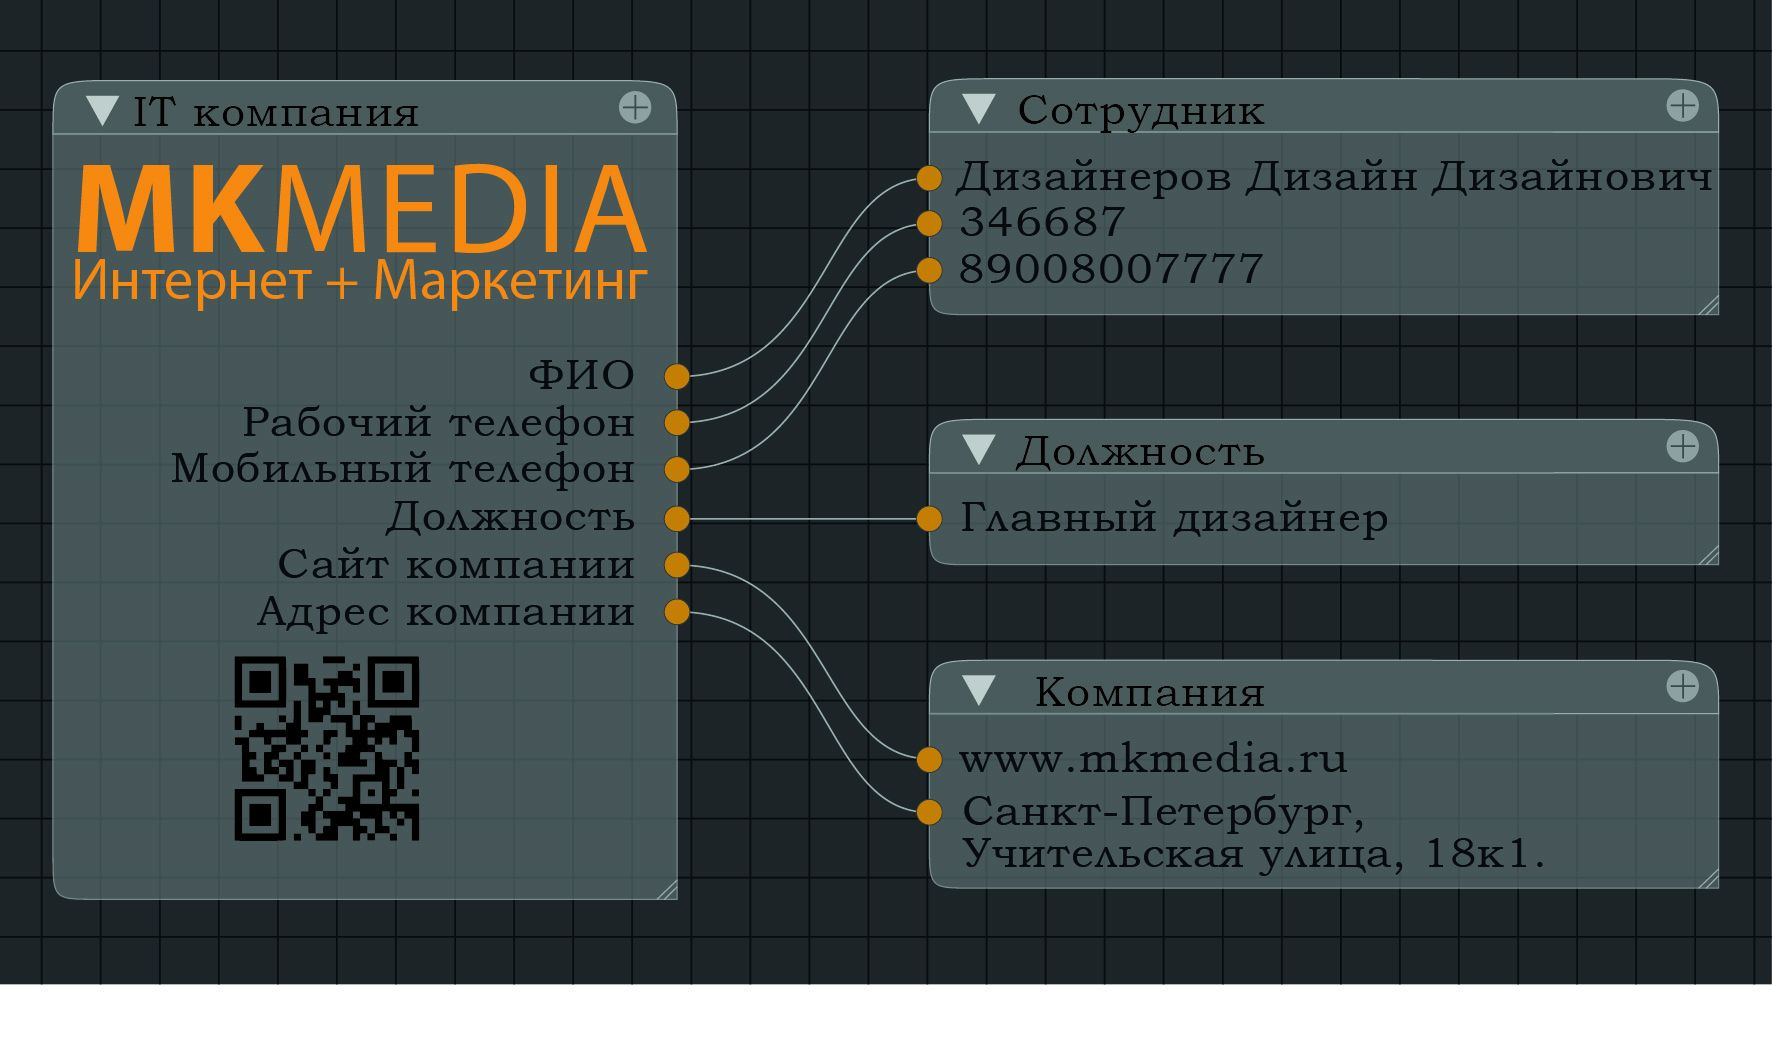 Разработка дизайна визитной карточки - дизайнер NeutrinoWS